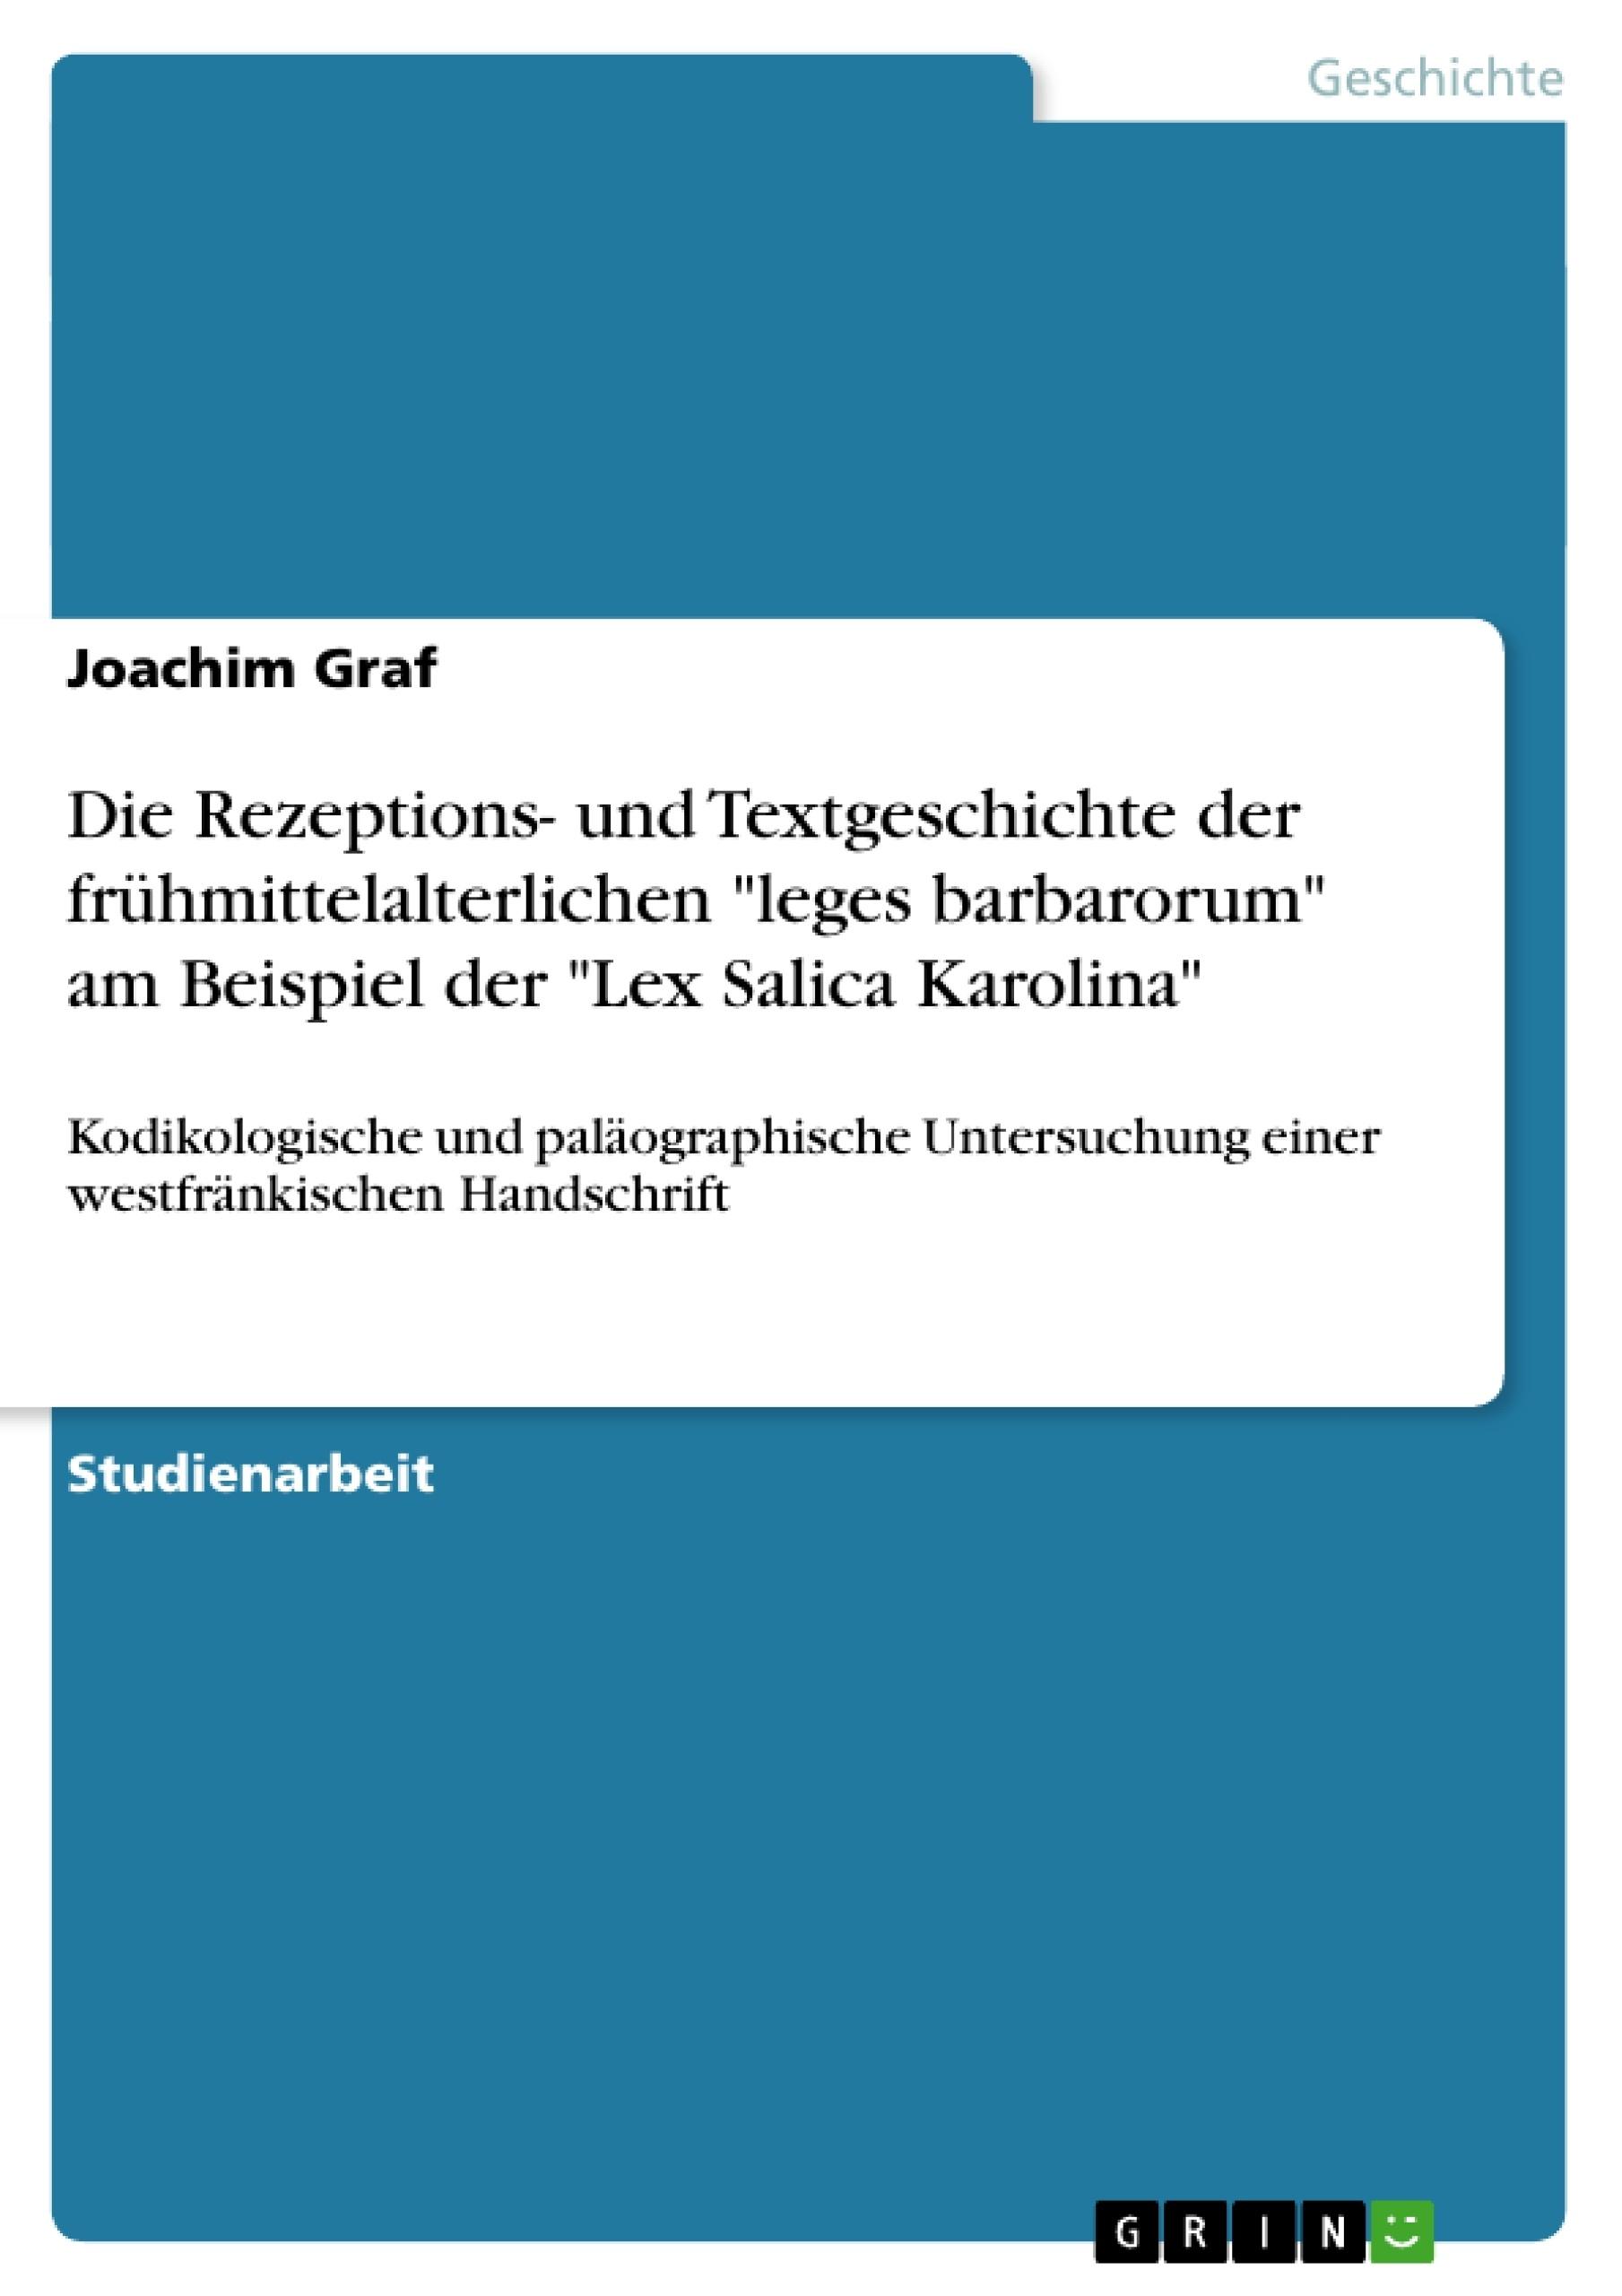 """Titel: Die Rezeptions- und Textgeschichte der frühmittelalterlichen """"leges barbarorum"""" am Beispiel der """"Lex Salica Karolina"""""""